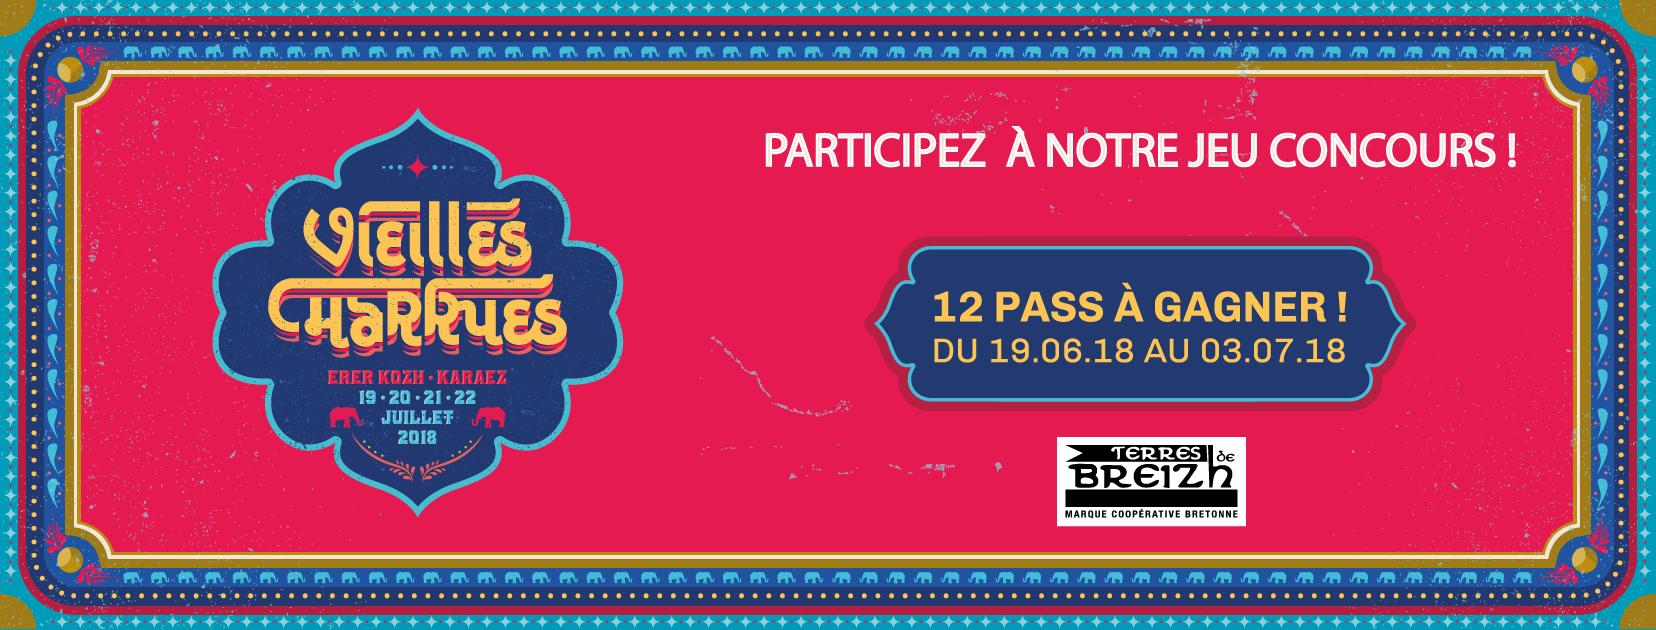 Vieilles Charrues : le jeu Facebook Terres de Breizh est lancé !